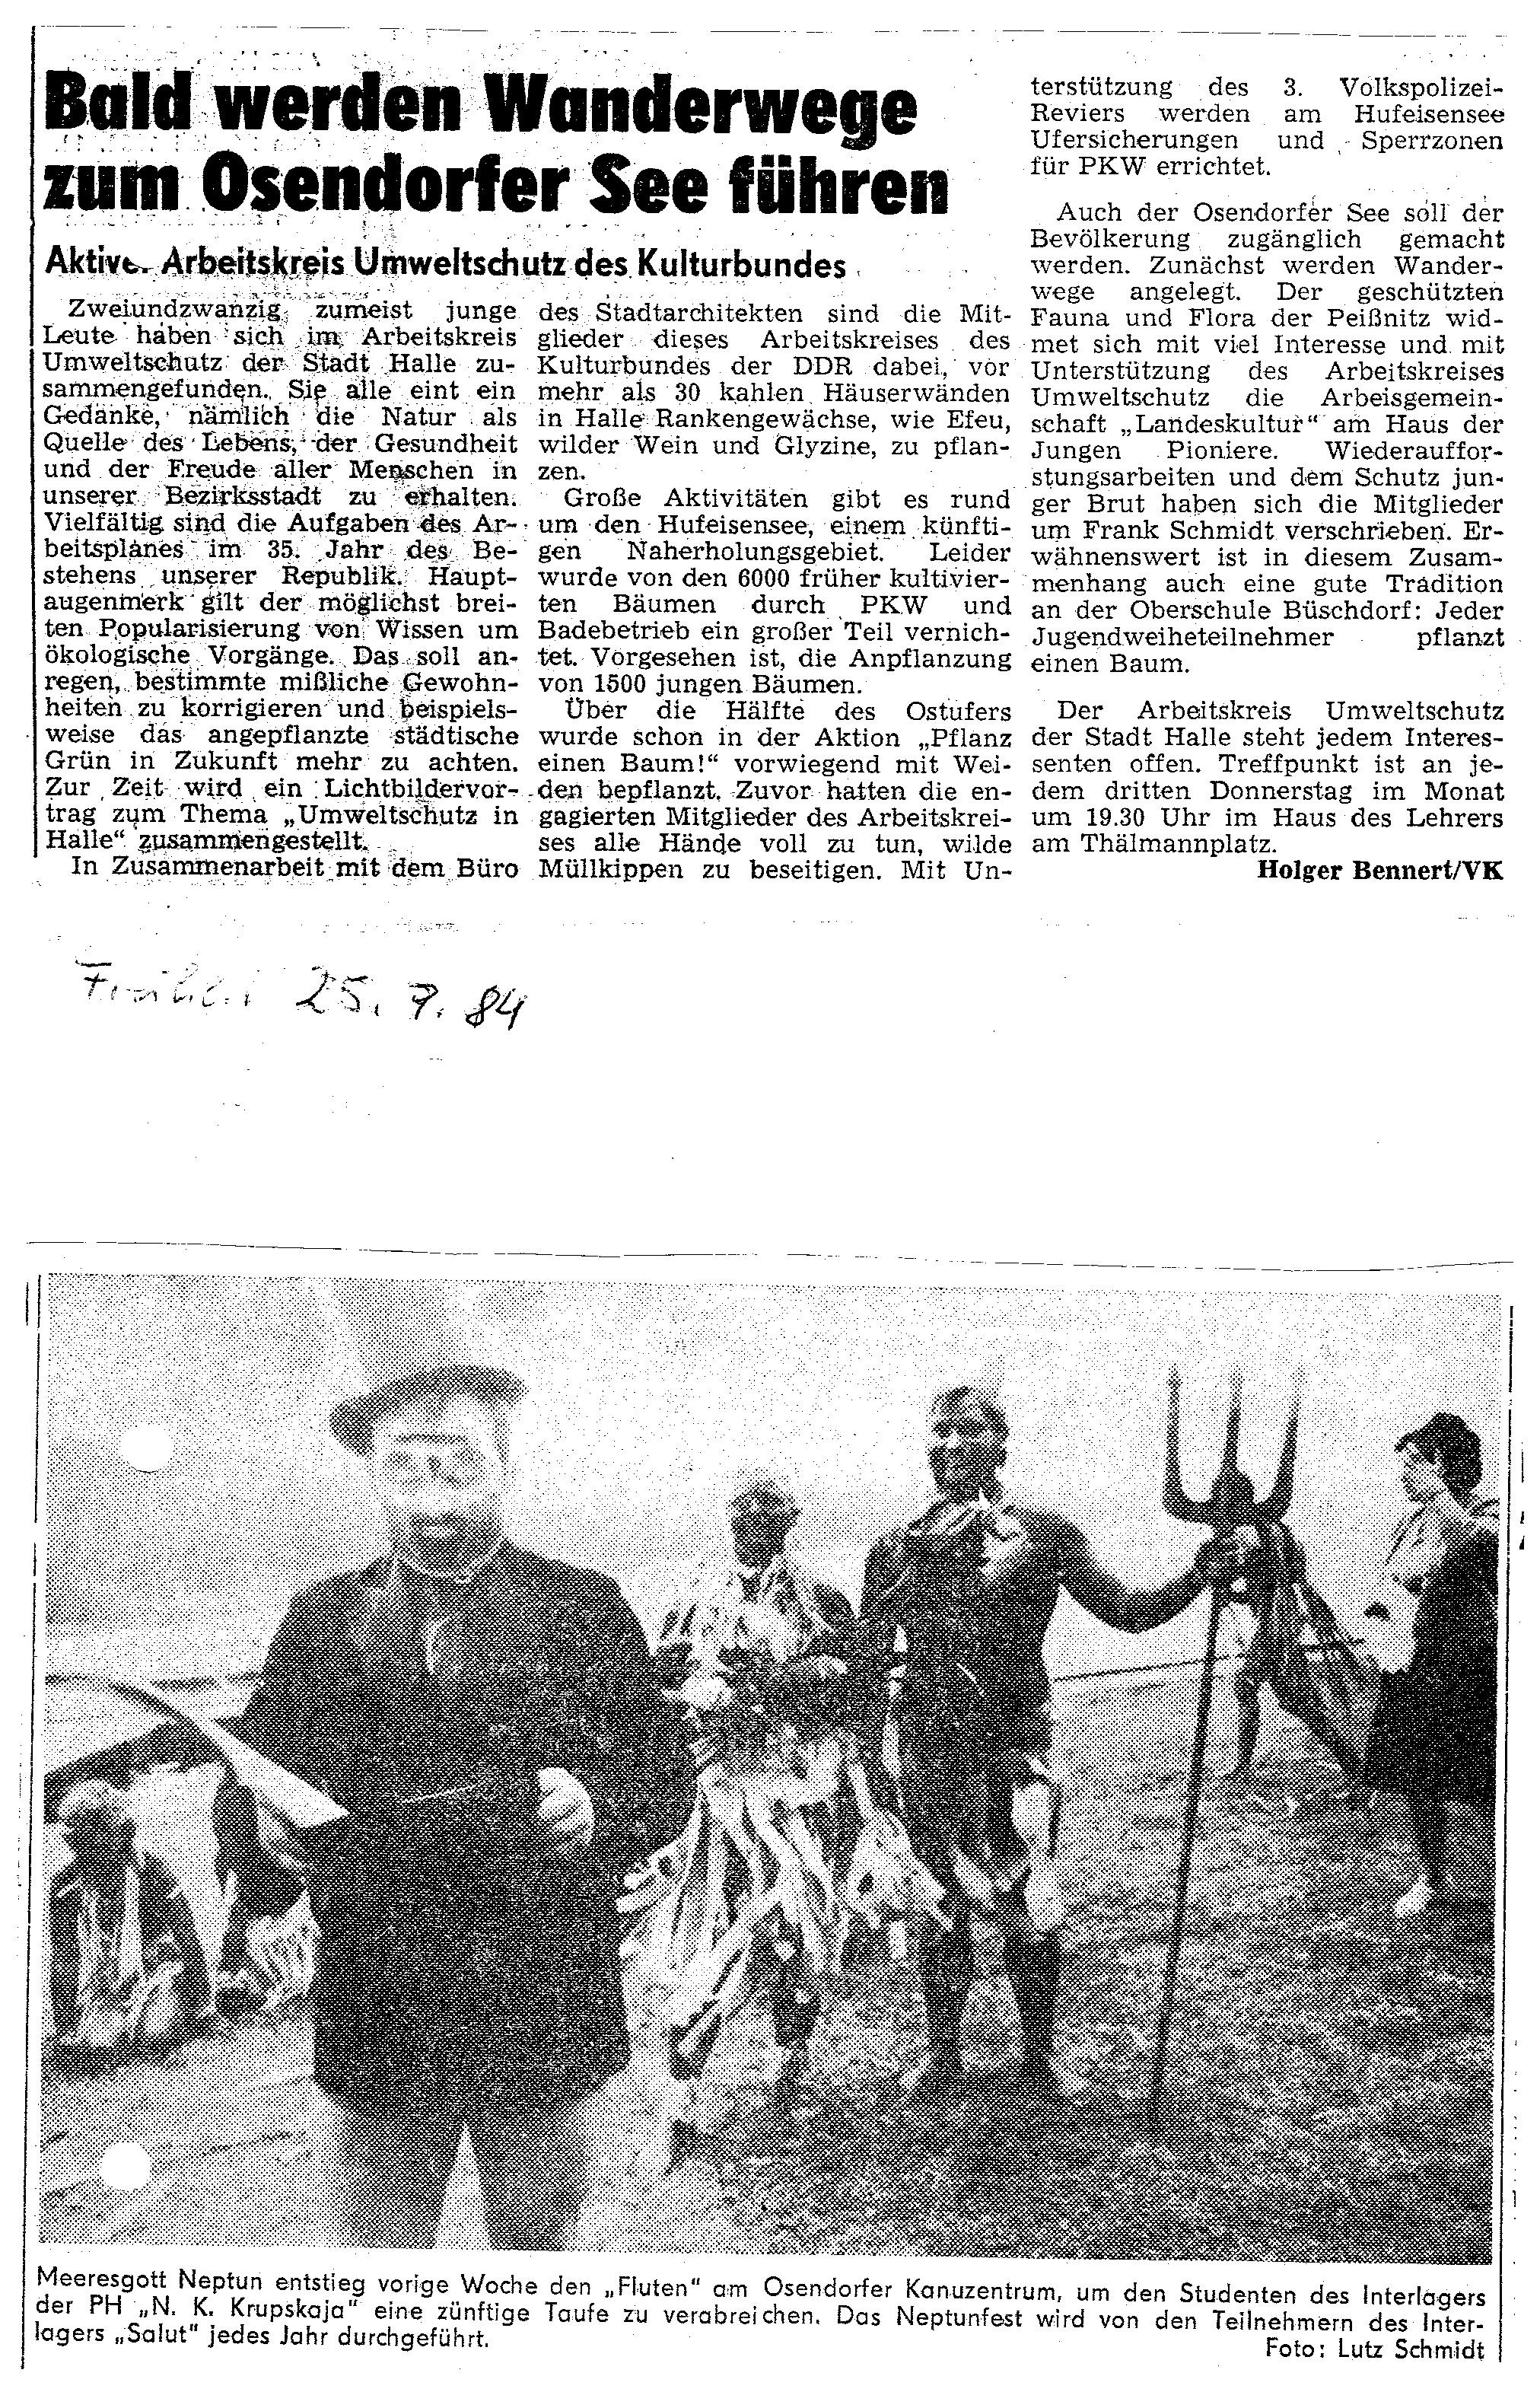 1984-07-25 Bald werden Wanderwege zum Osendorfer See führen